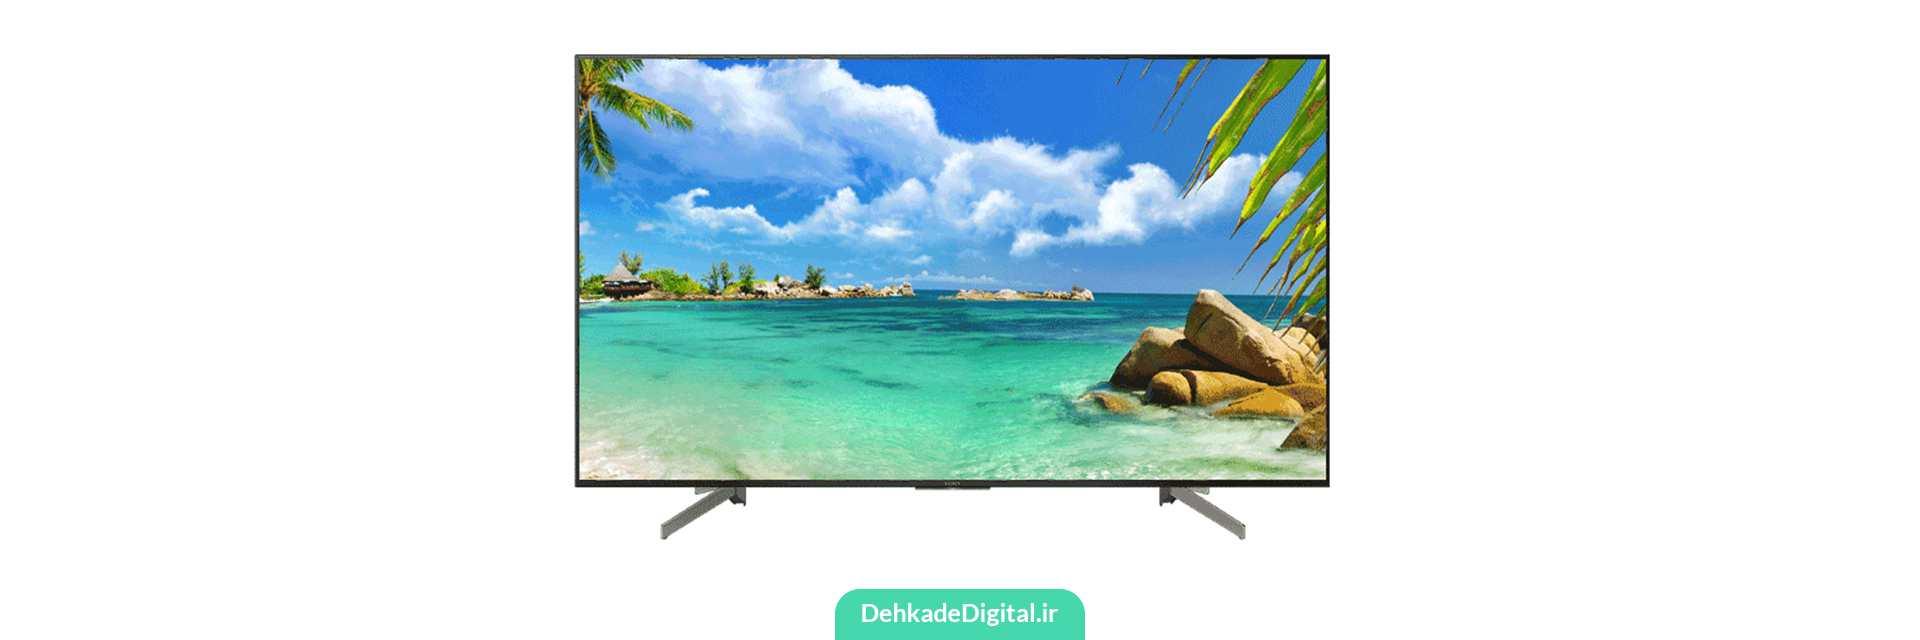 معرفی تلویزیون های سونی X8500G65